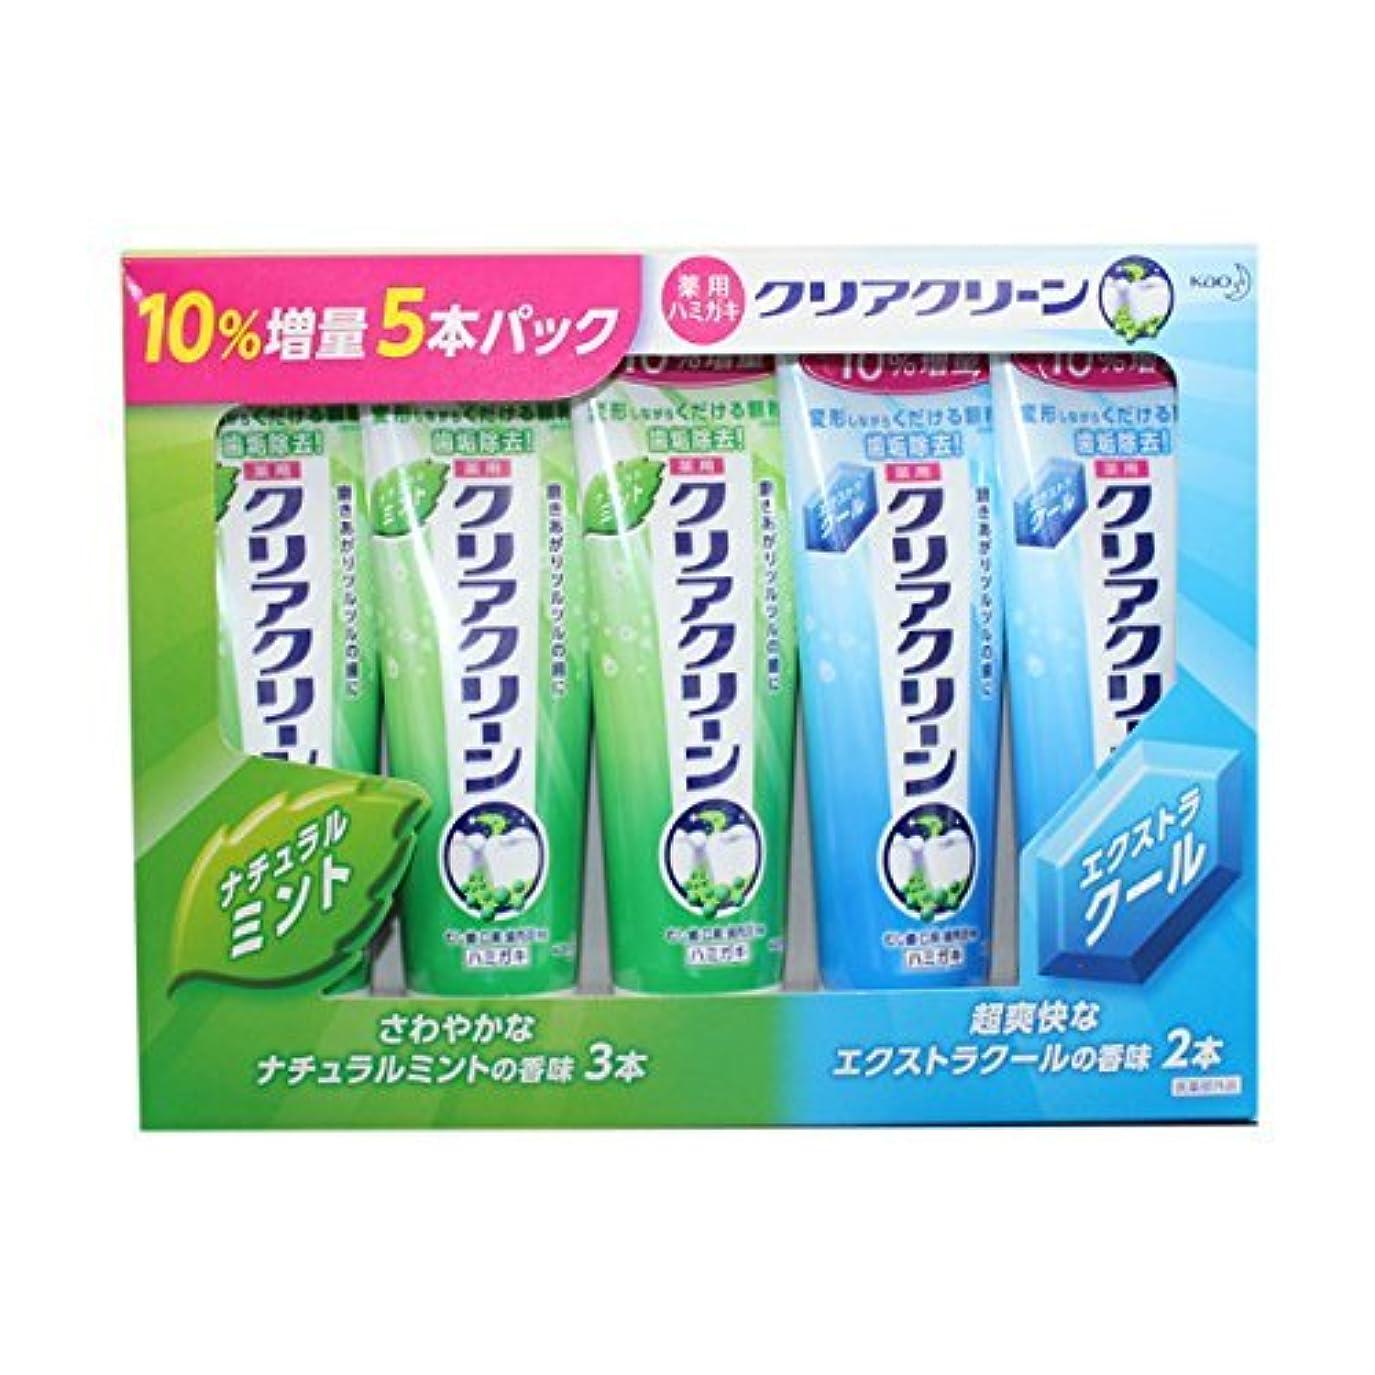 一貫性のない訴えるペインティングクリアクリーン 143gx5本セット(ナチュラルミントx3/エクストラクールx2) 10%増量セット 歯磨き粉